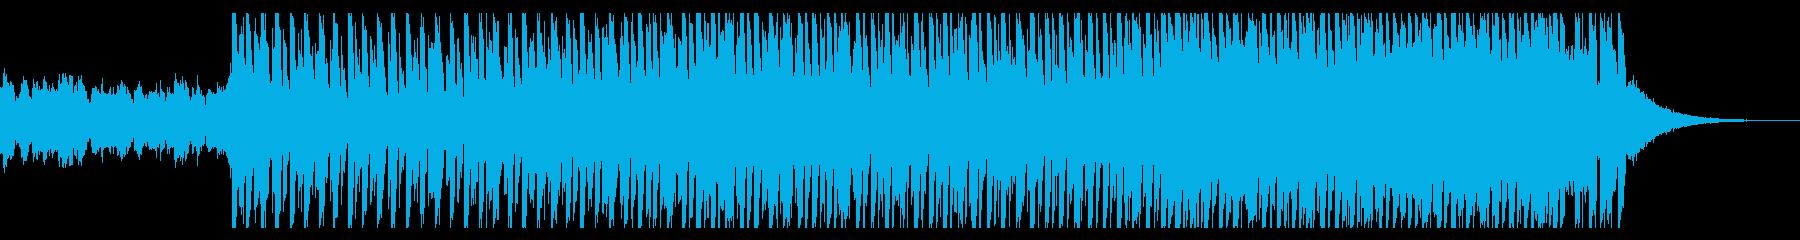 ダンス用(60秒)の再生済みの波形